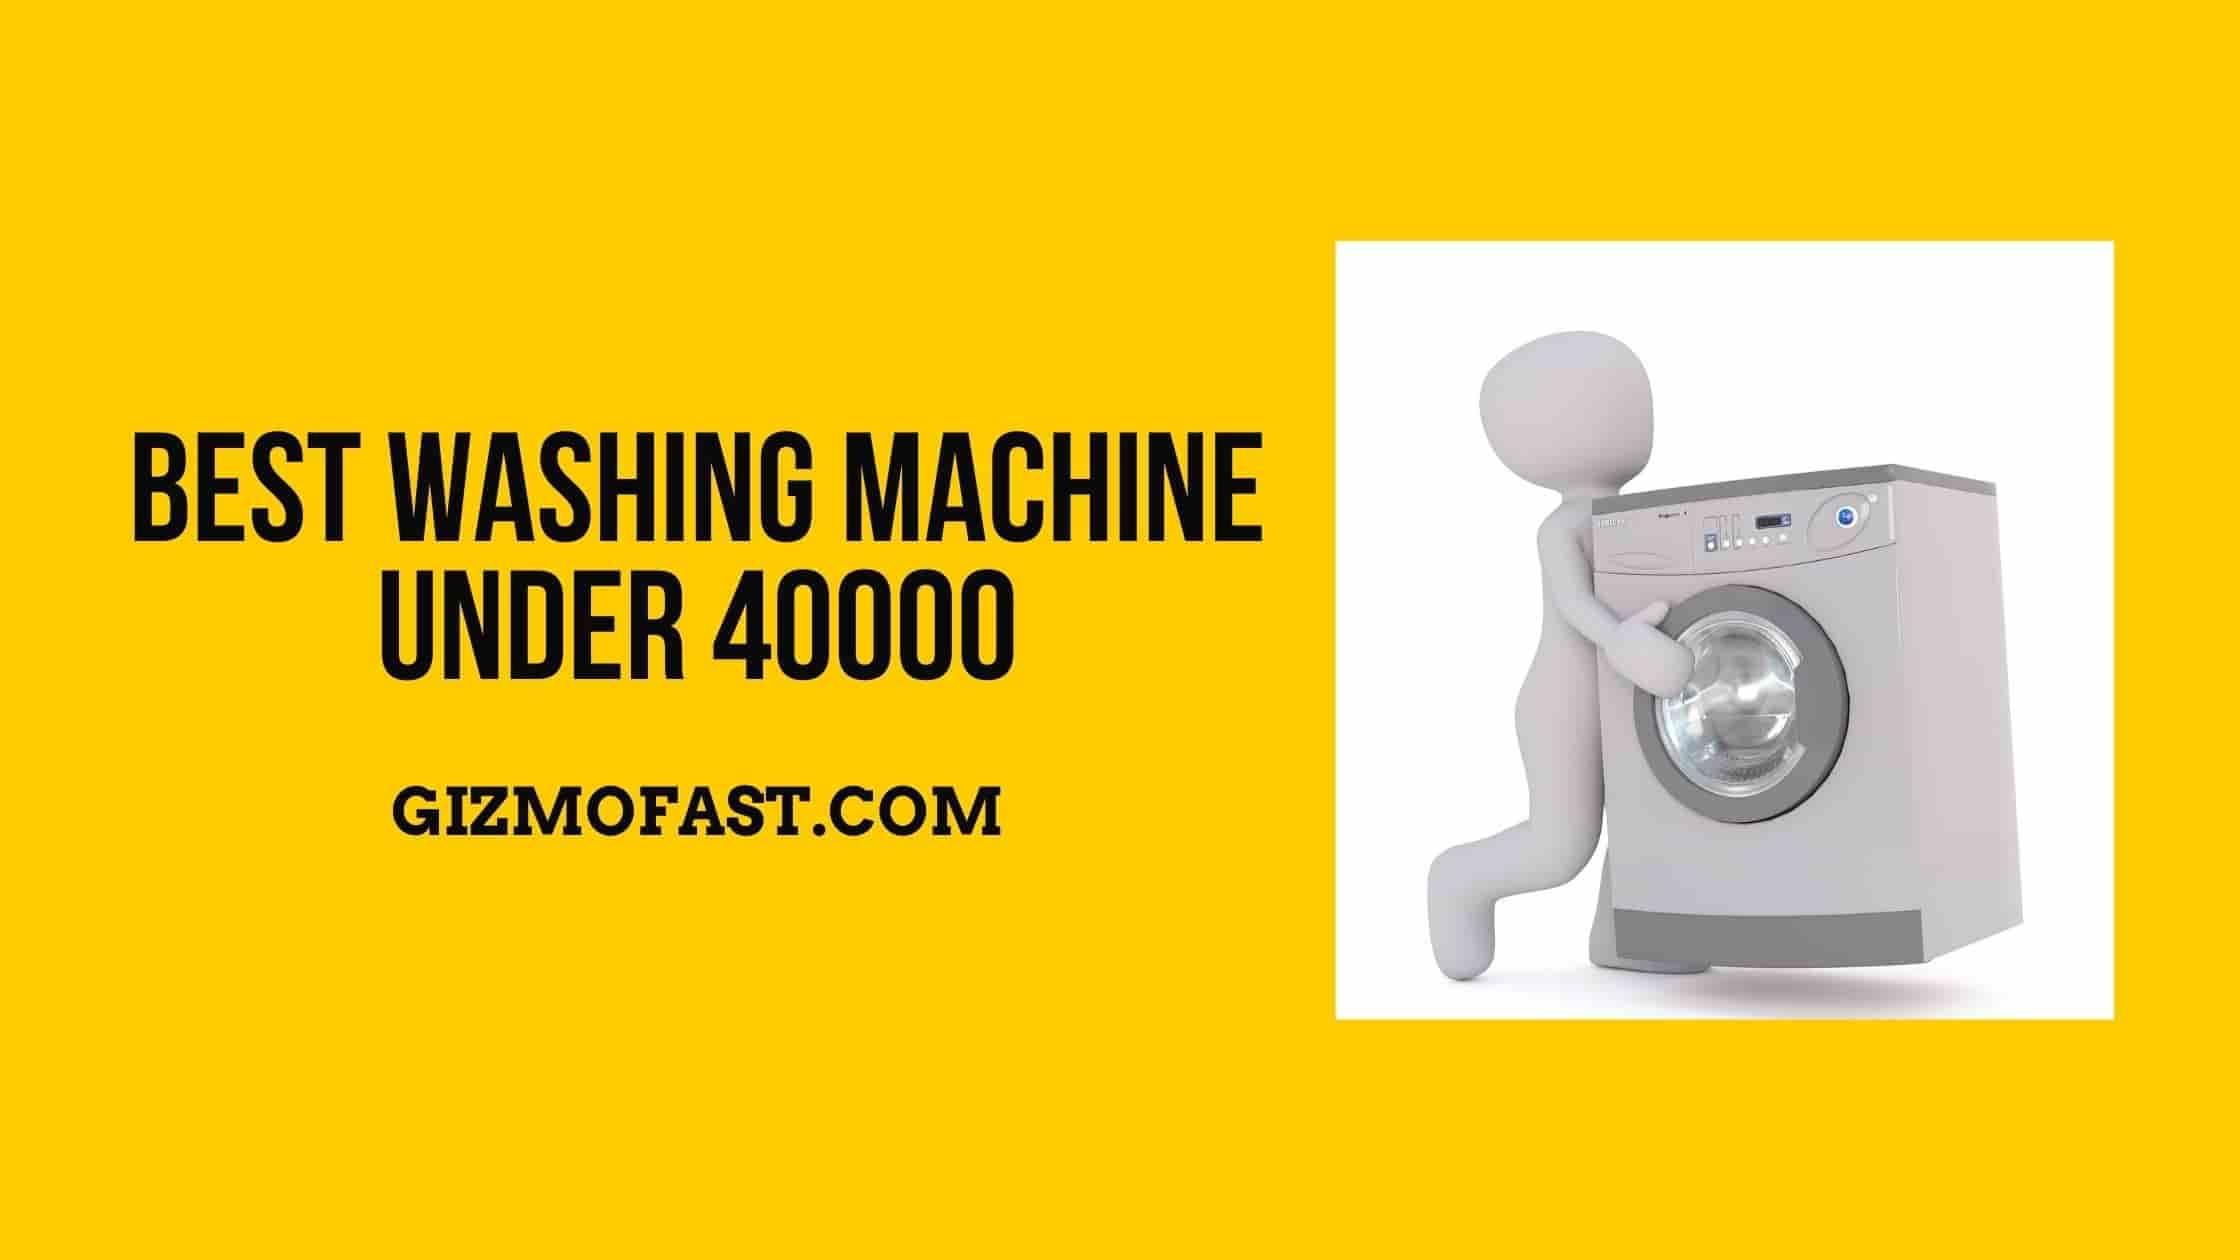 Best Washing Machine Under 40000